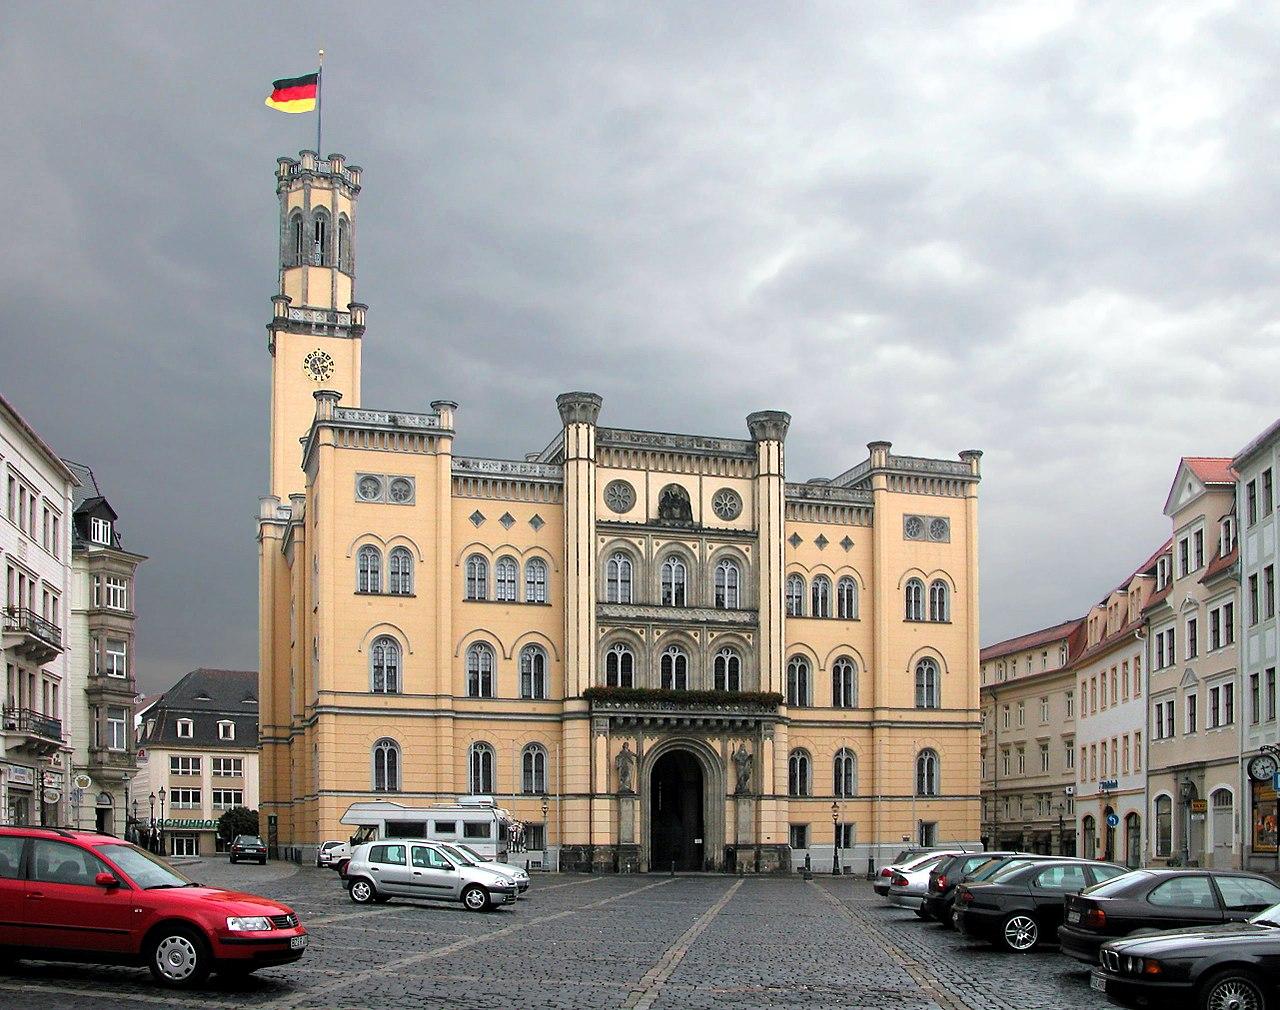 20031003200DR Zittau Rathaus am Markt.jpg